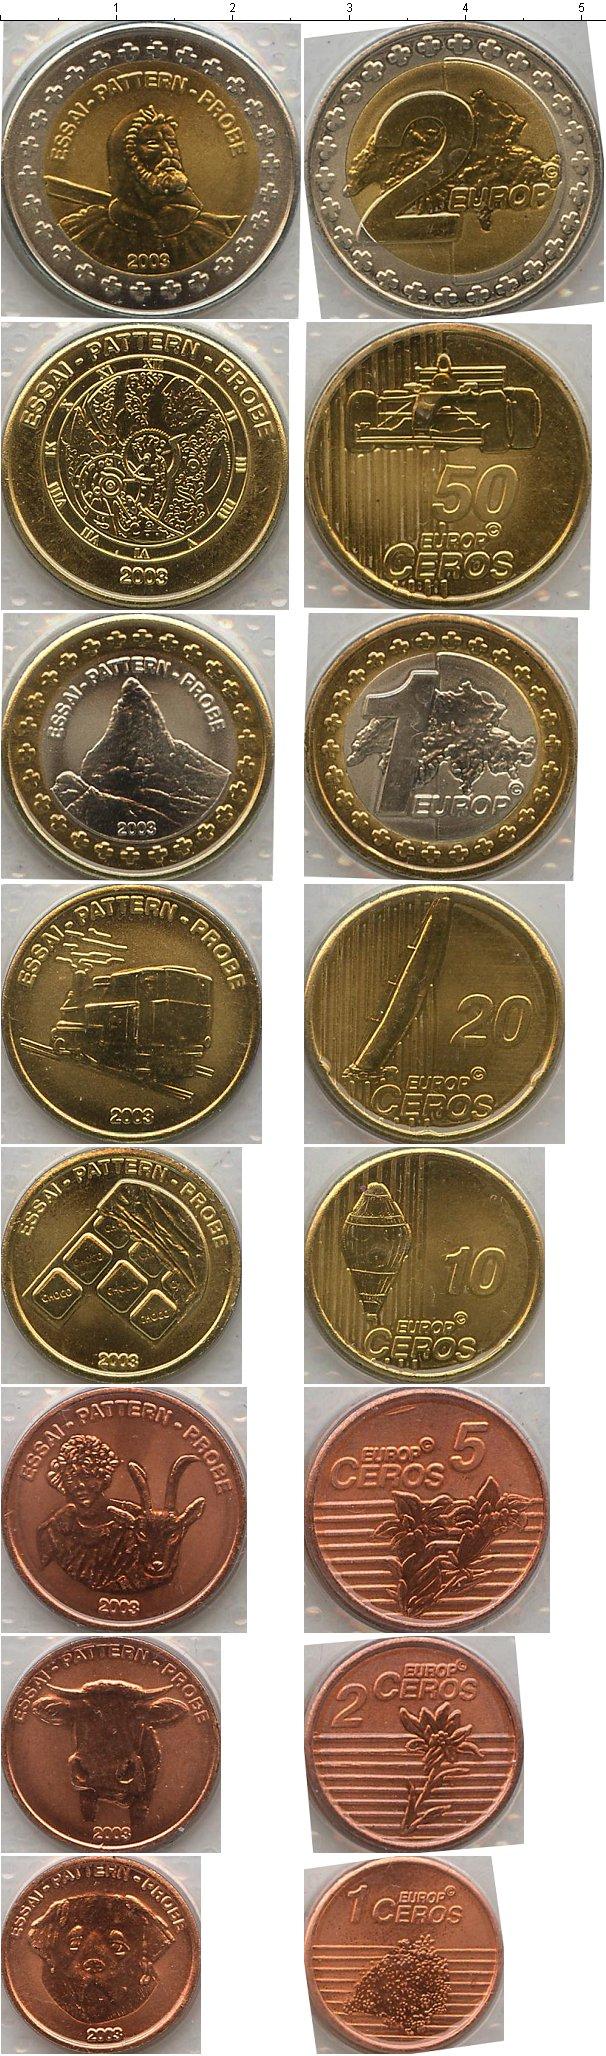 Картинка Наборы монет Швейцария Пробный евро-набор 2003  2003